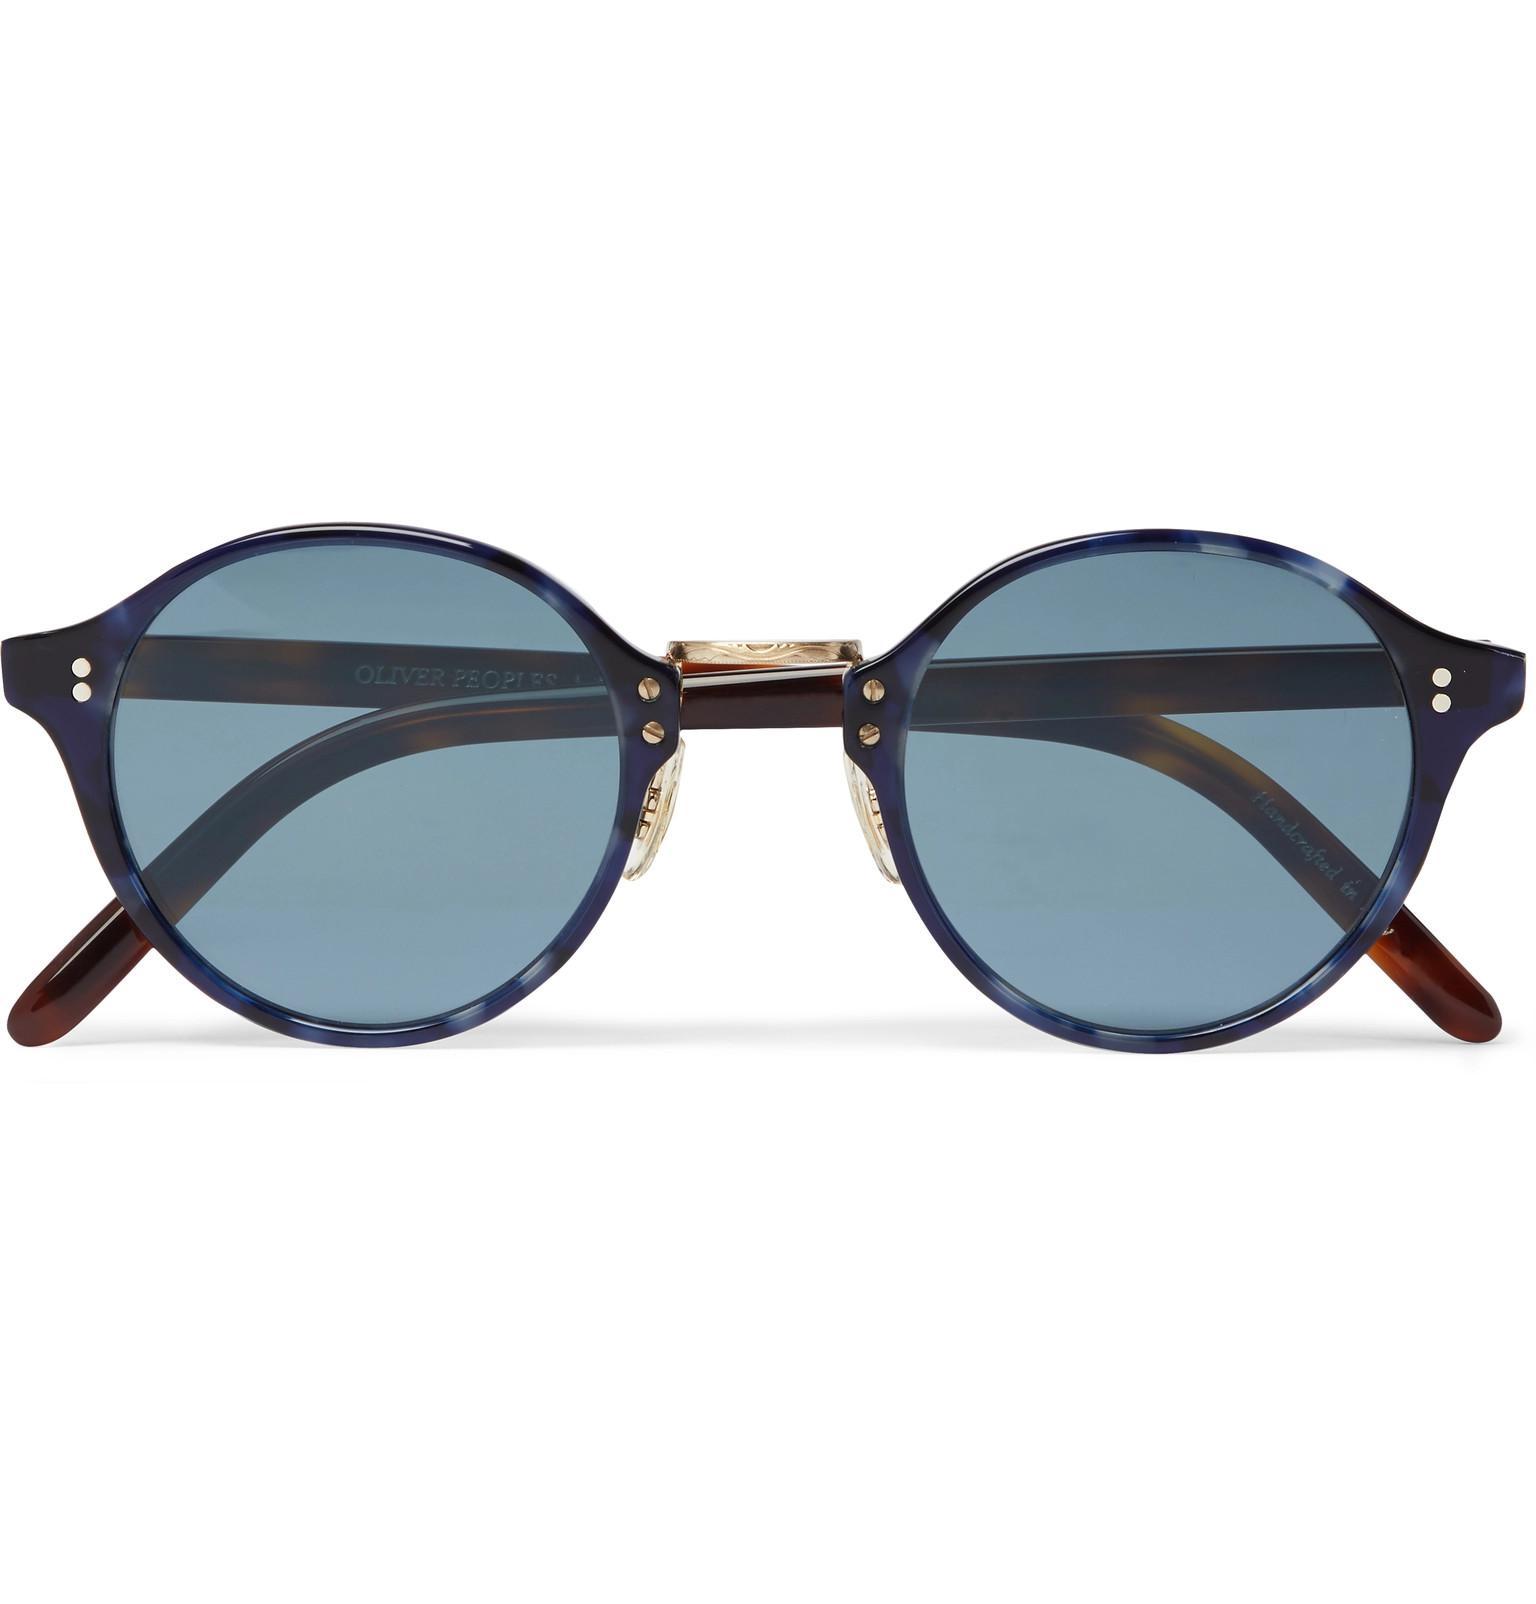 round-frame sunglasses - Blue Oliver Peoples FyqoZGdG